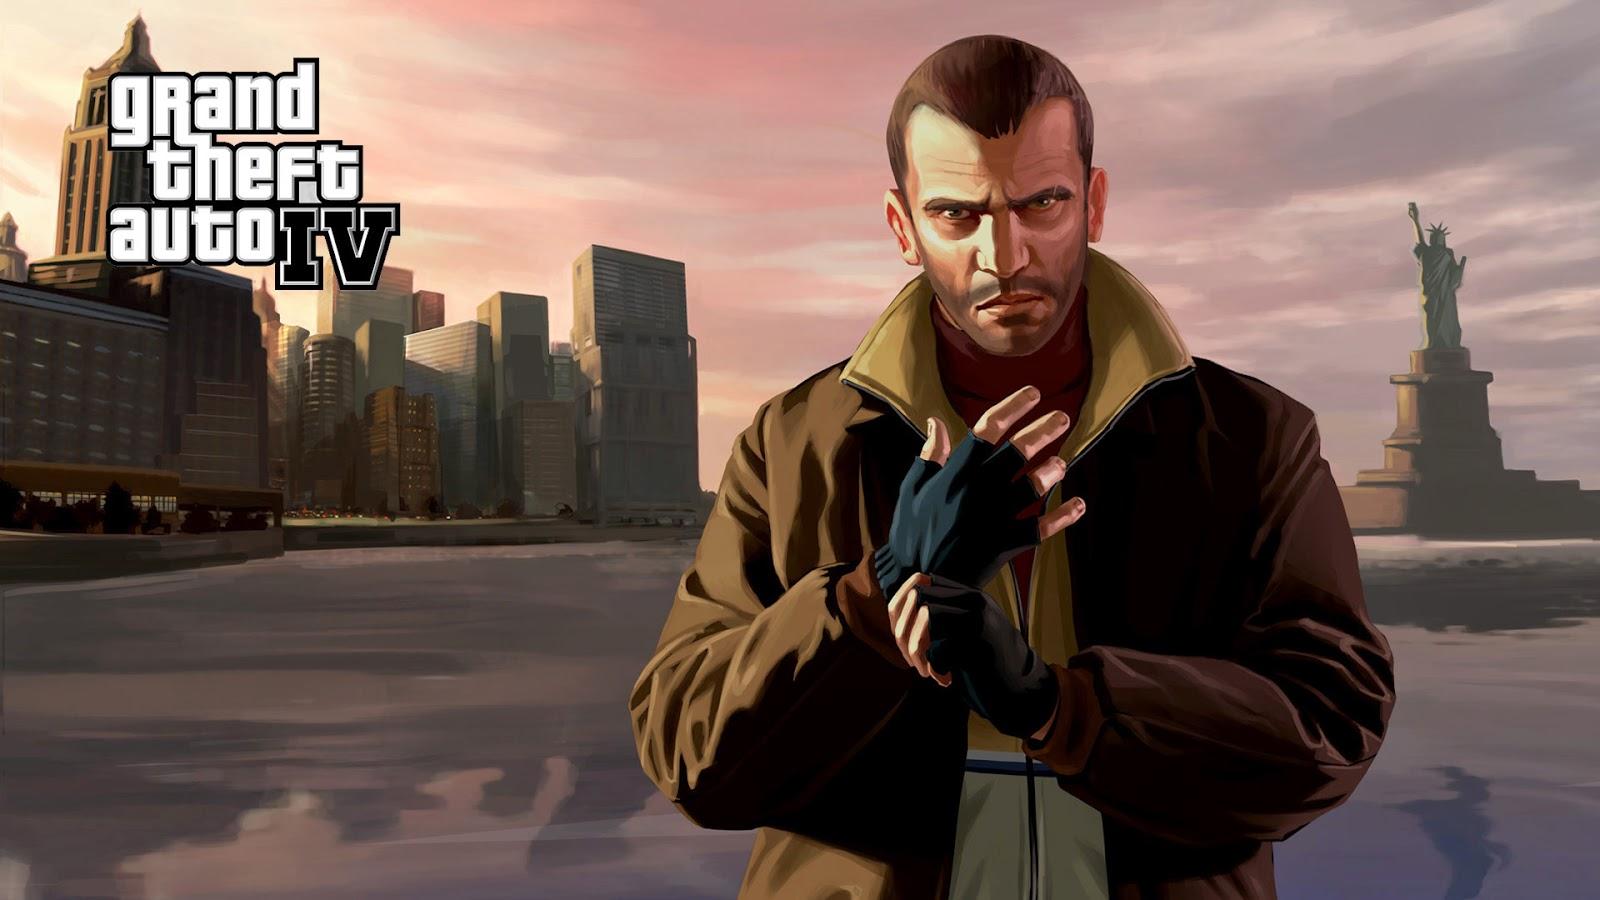 تحميل لعبة جاتا Free download GTA IV - تحميل العاب